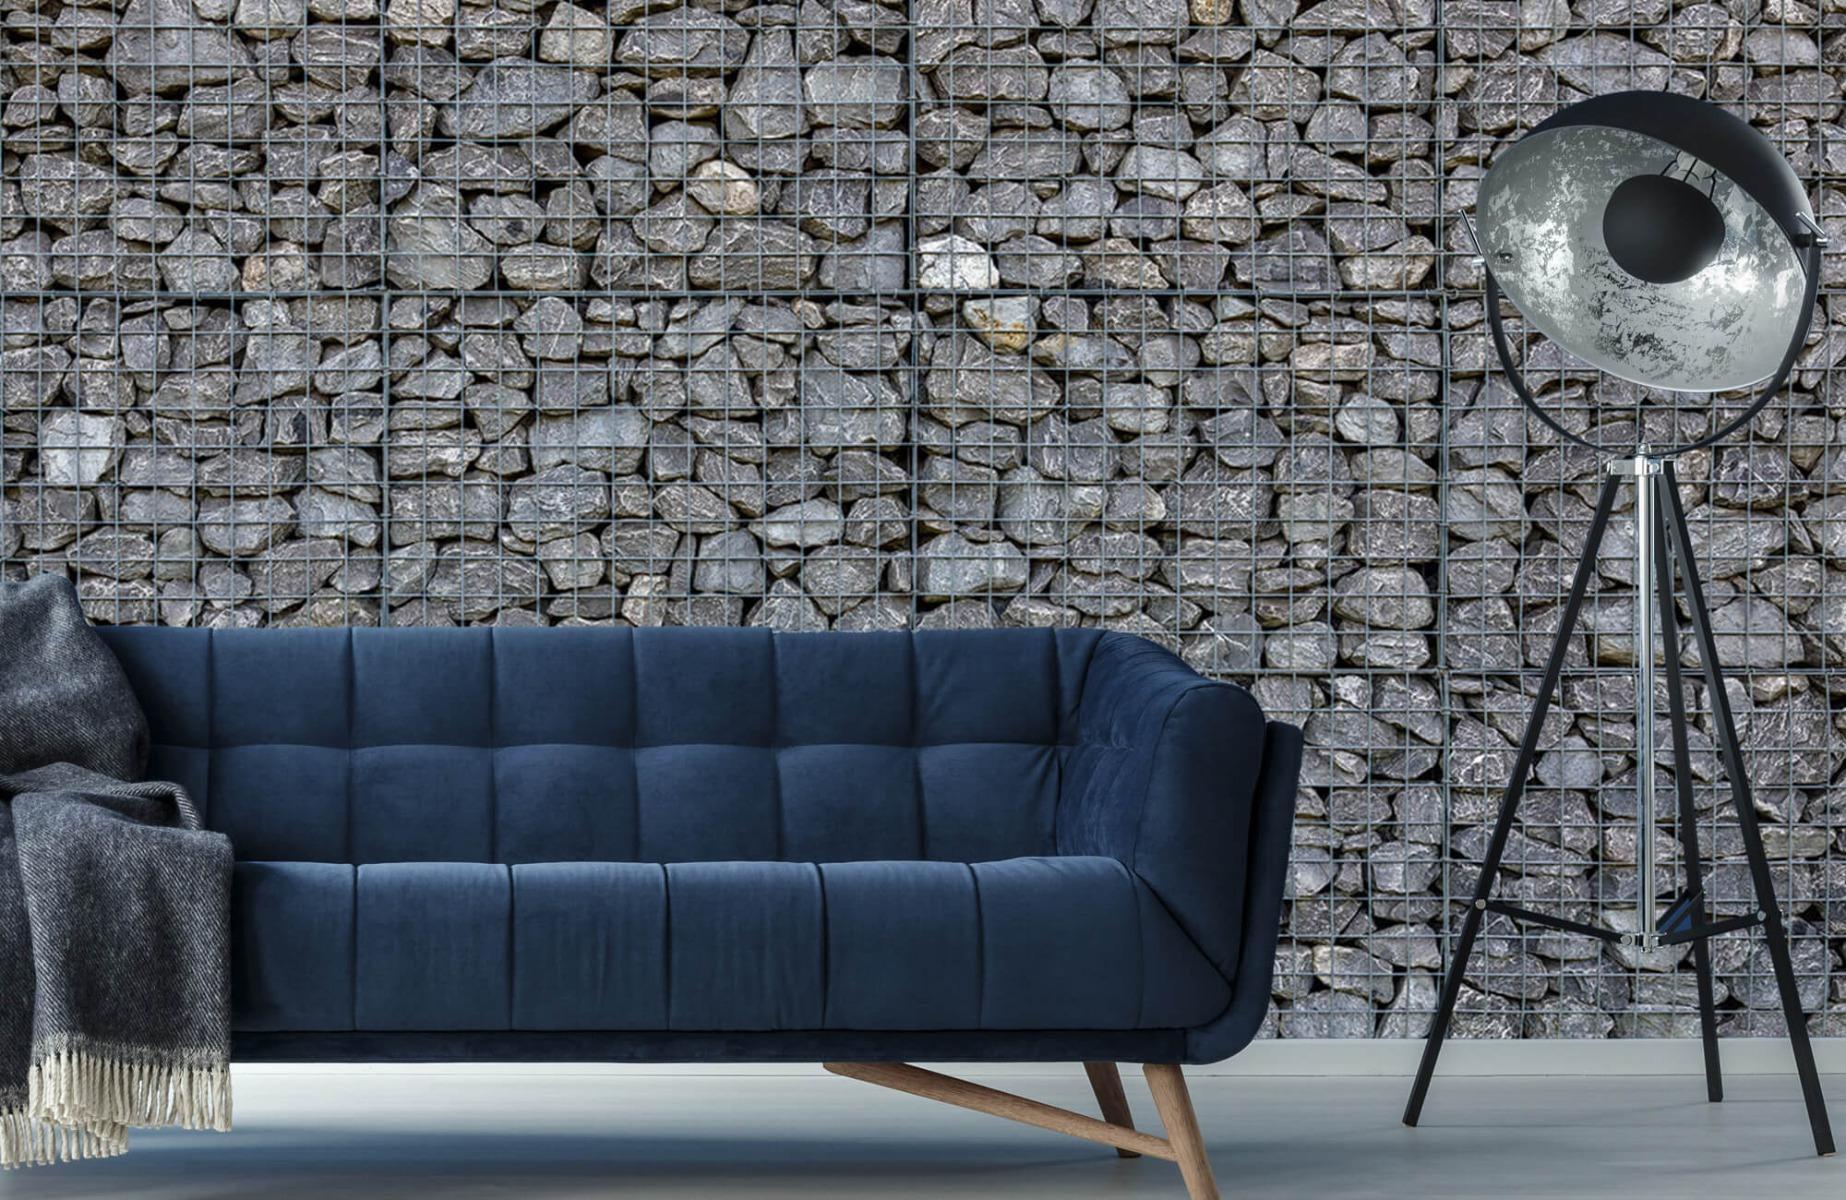 Steen behang - Steenkorf - Wallexclusive - Slaapkamer 10